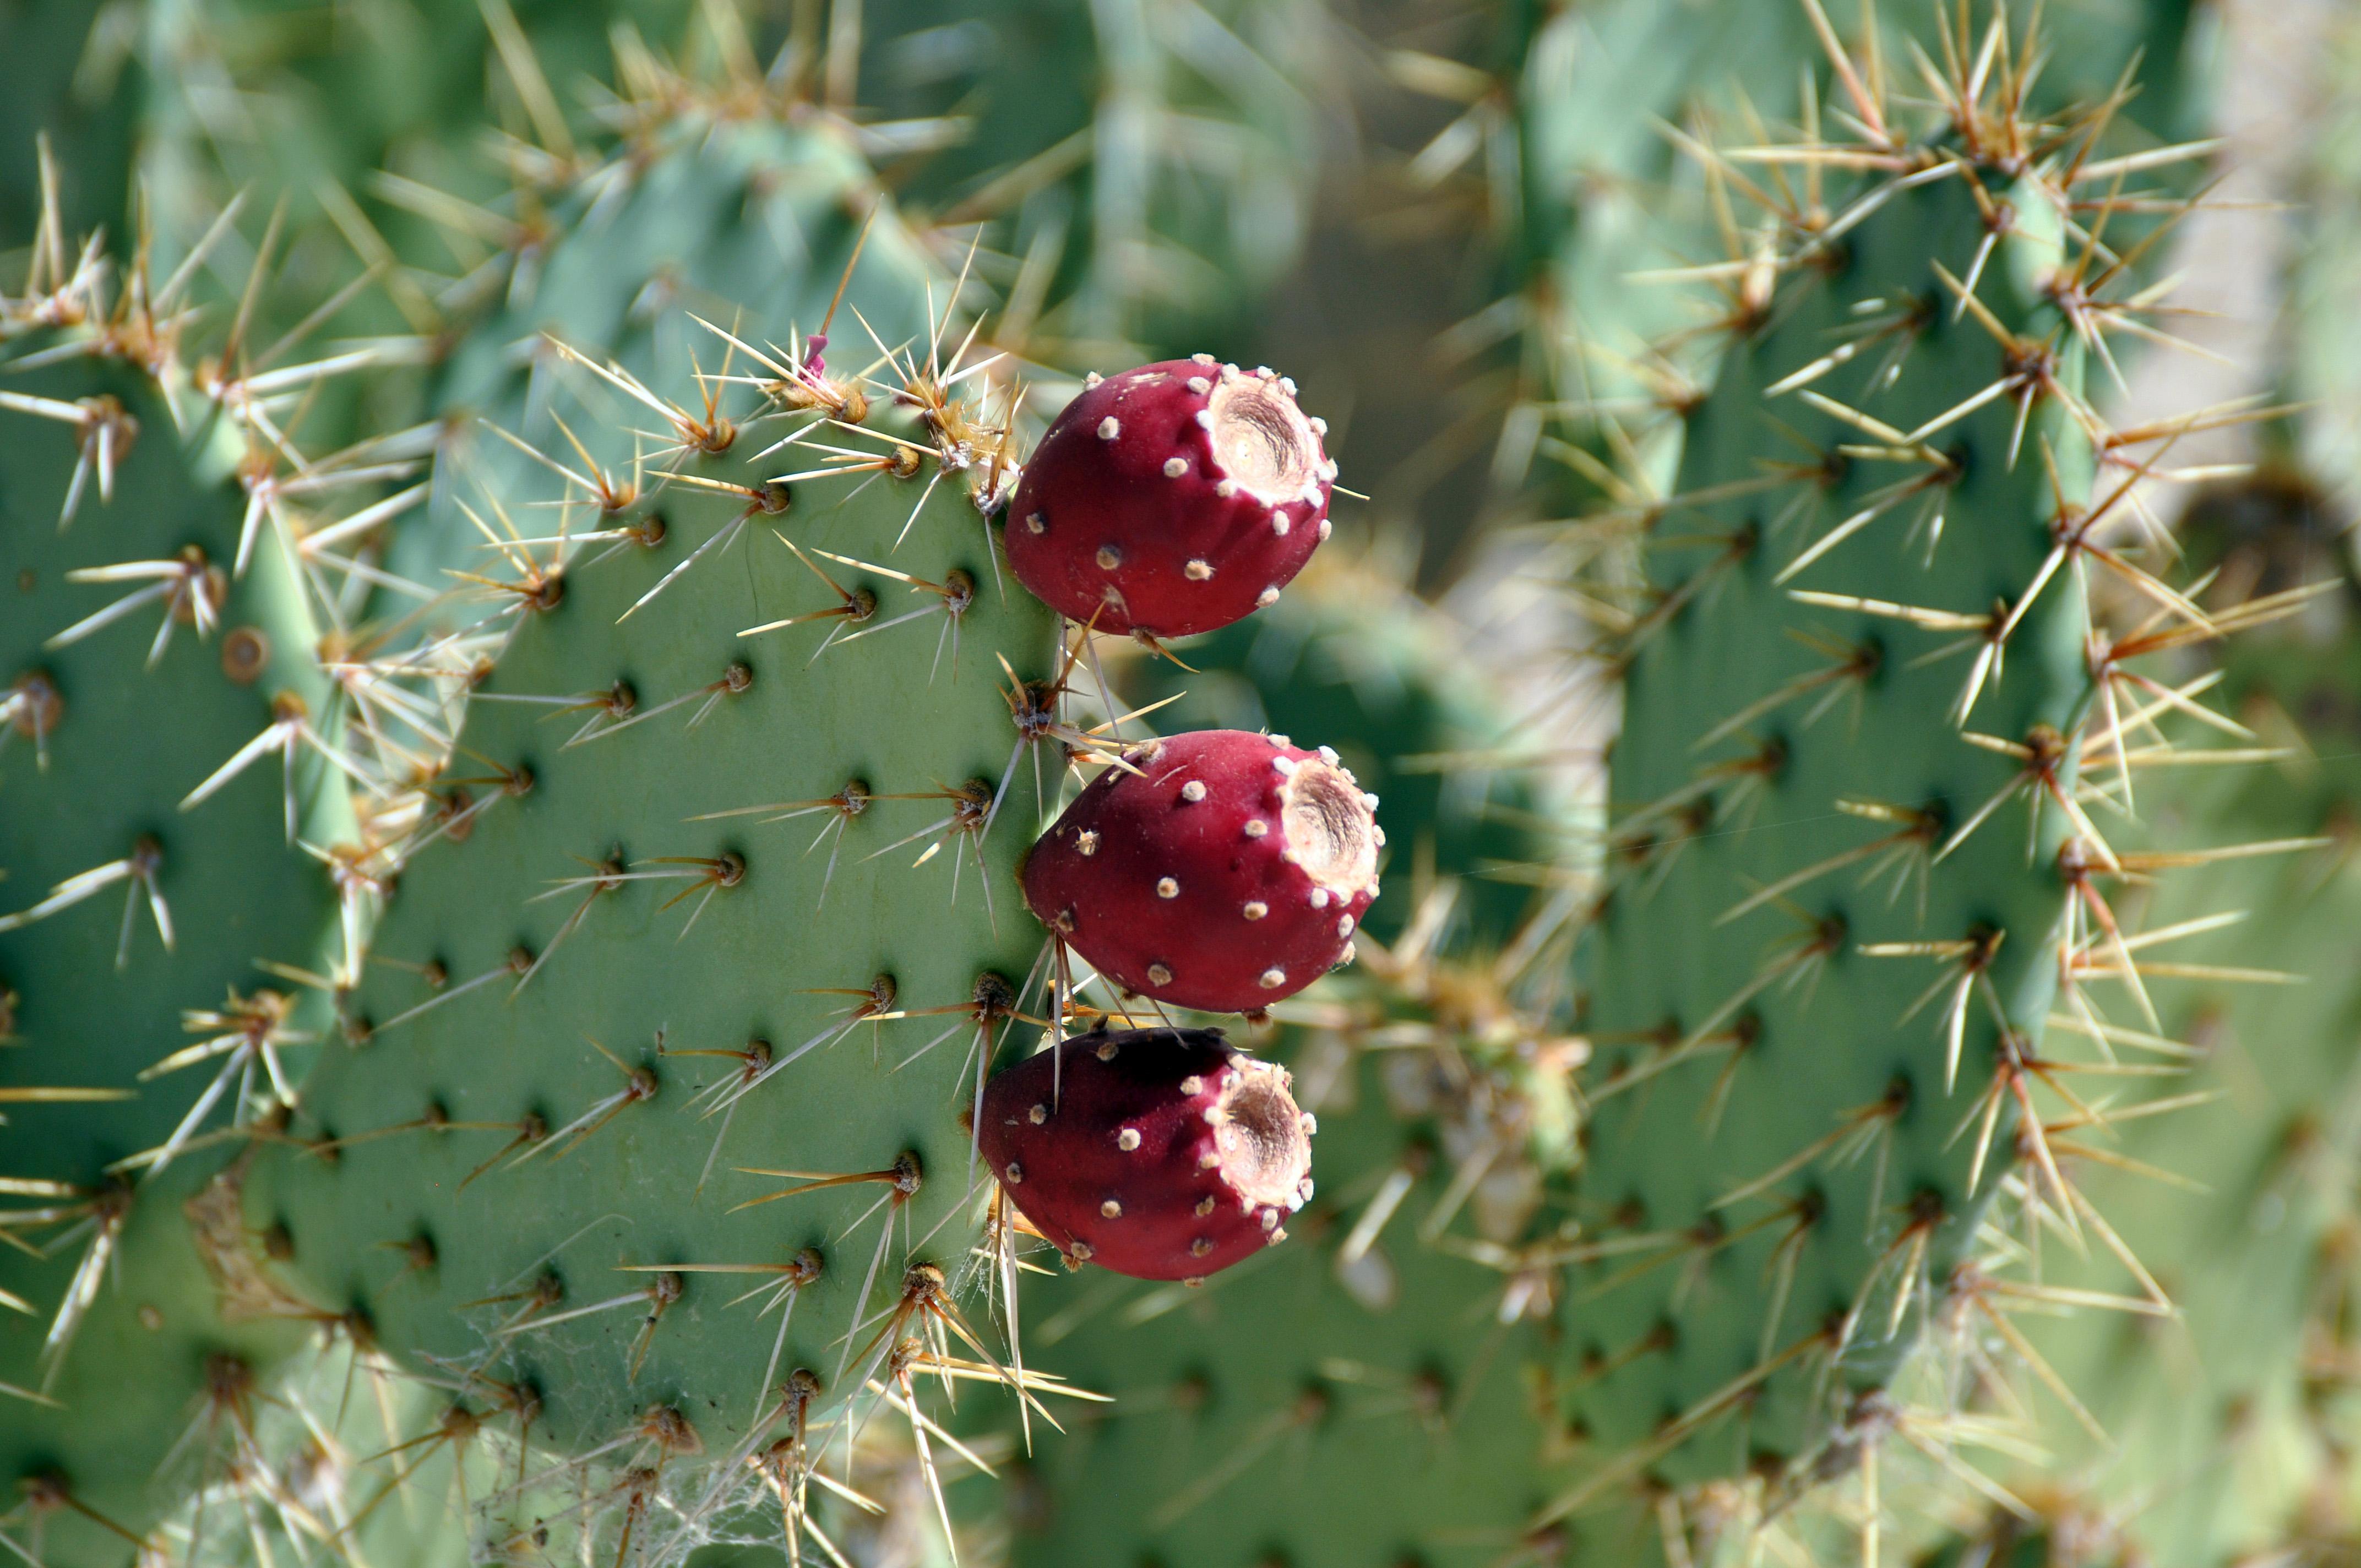 Prickly Pear | derwentvalleyphotography